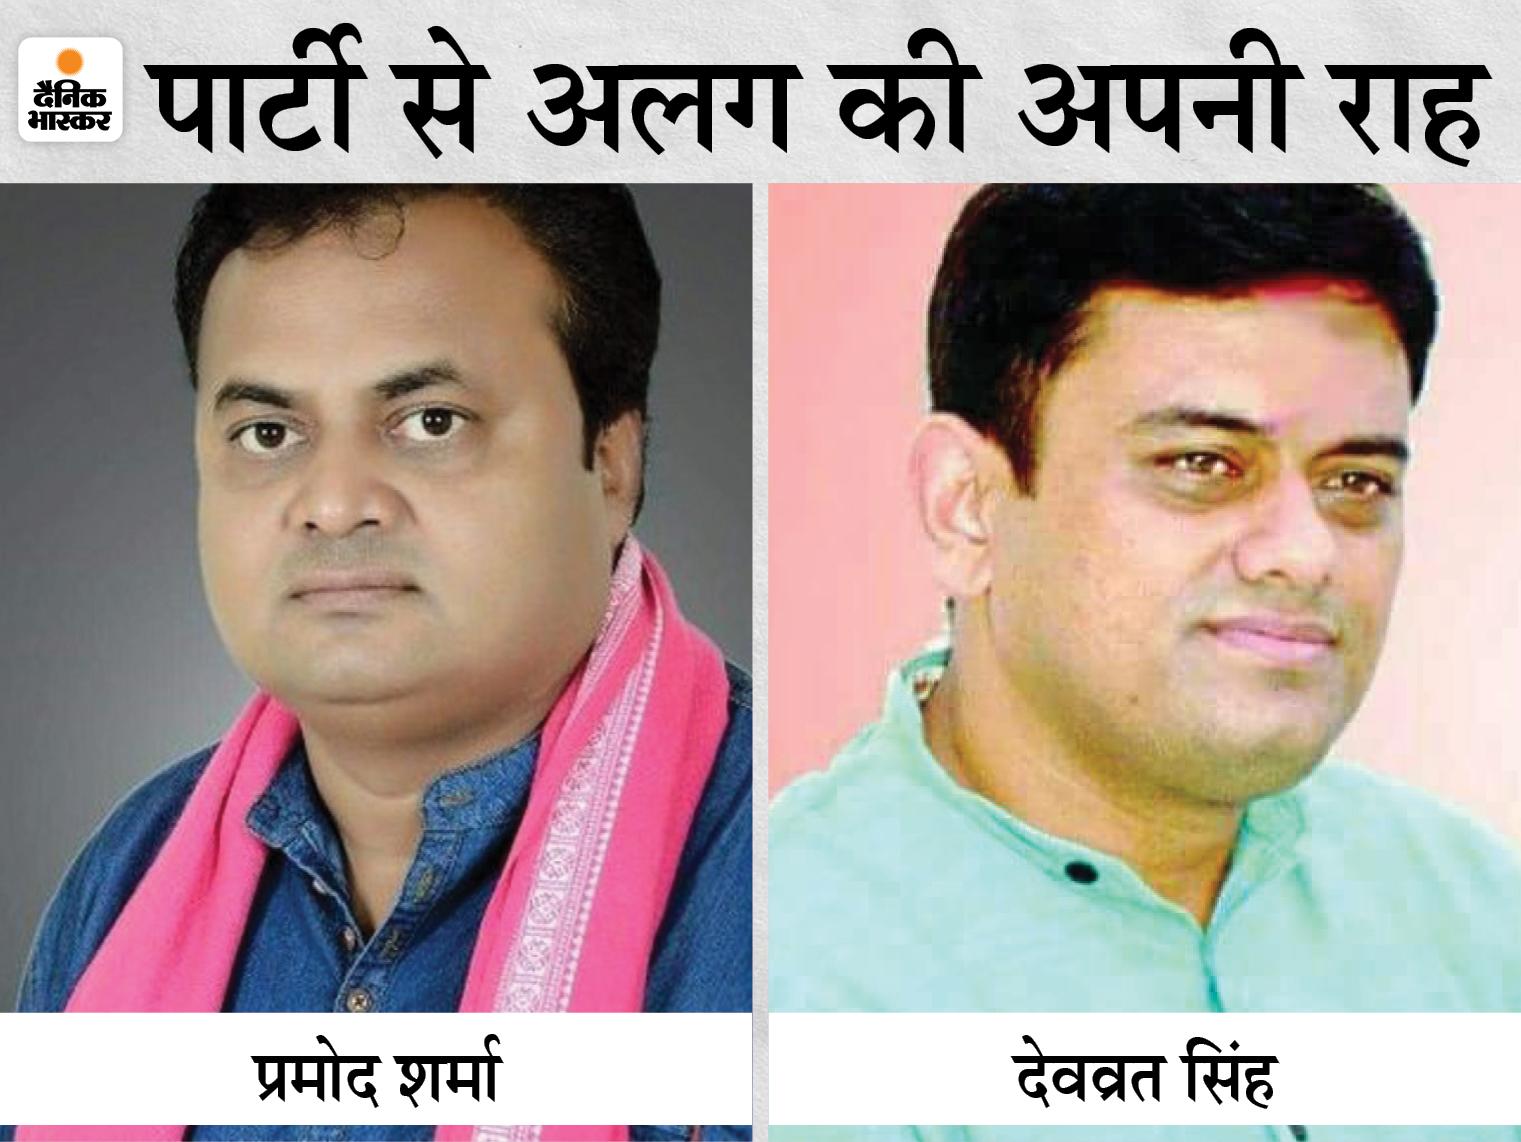 जोगी परिवार से अलग दल की मान्यता चाहते हैं दो विधायक, प्रमोद शर्मा चुनाव आयुक्त से मिल आए, देवव्रत बोले - विधानसभा अध्यक्ष को देंगे आवेदन|रायपुर,Raipur - Dainik Bhaskar